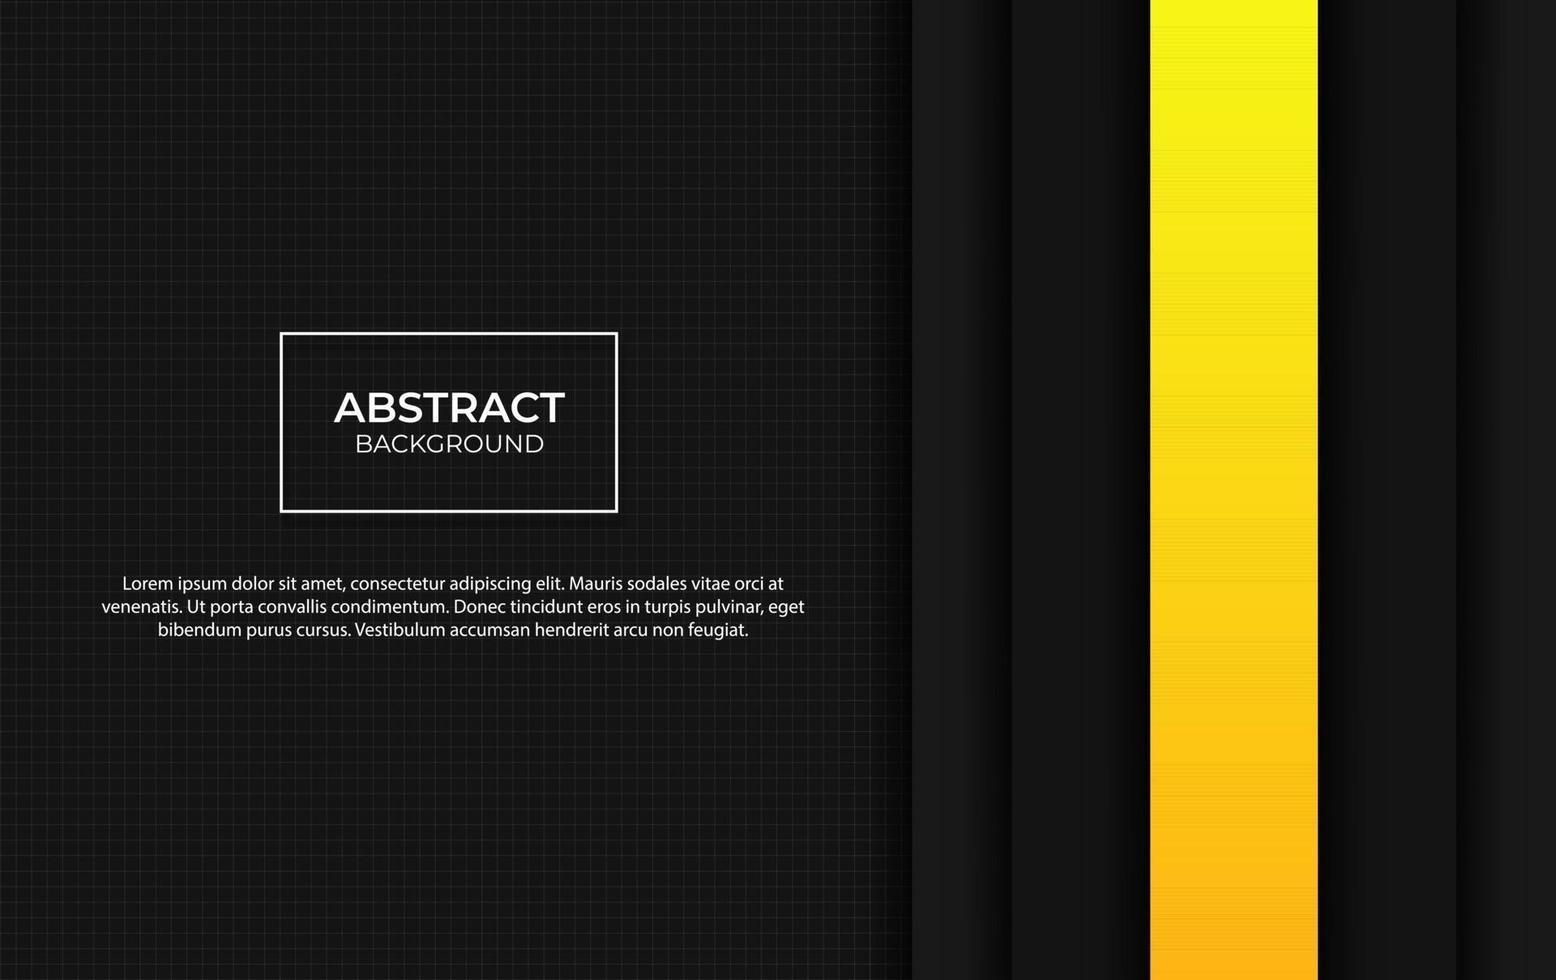 présentation abstraite fond jaune et noir vecteur